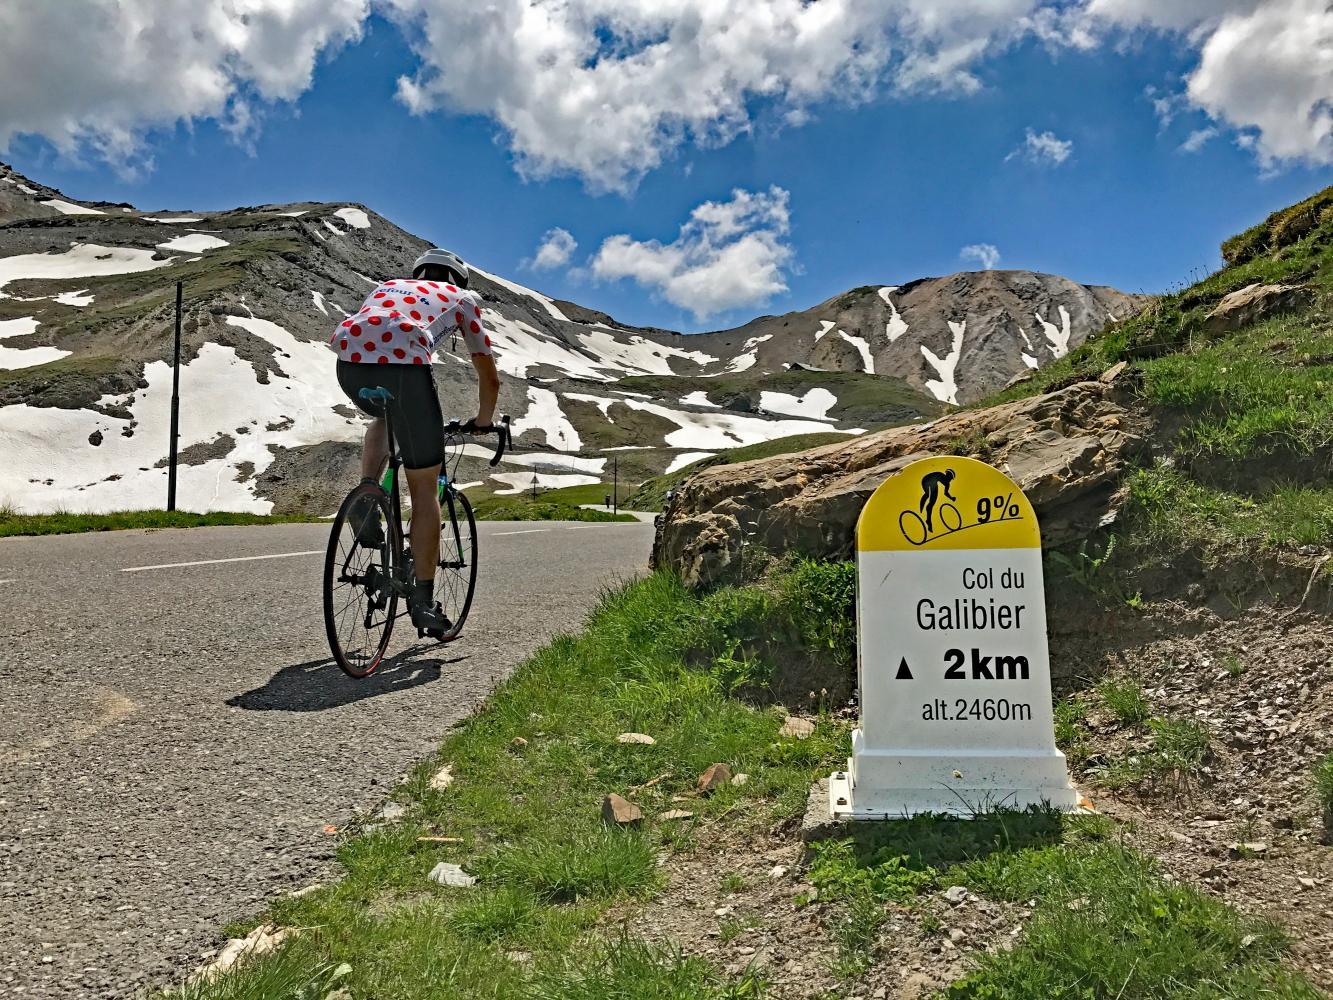 Cols du Télégraphe & Galibier Bike Climb - PJAMM Cycling